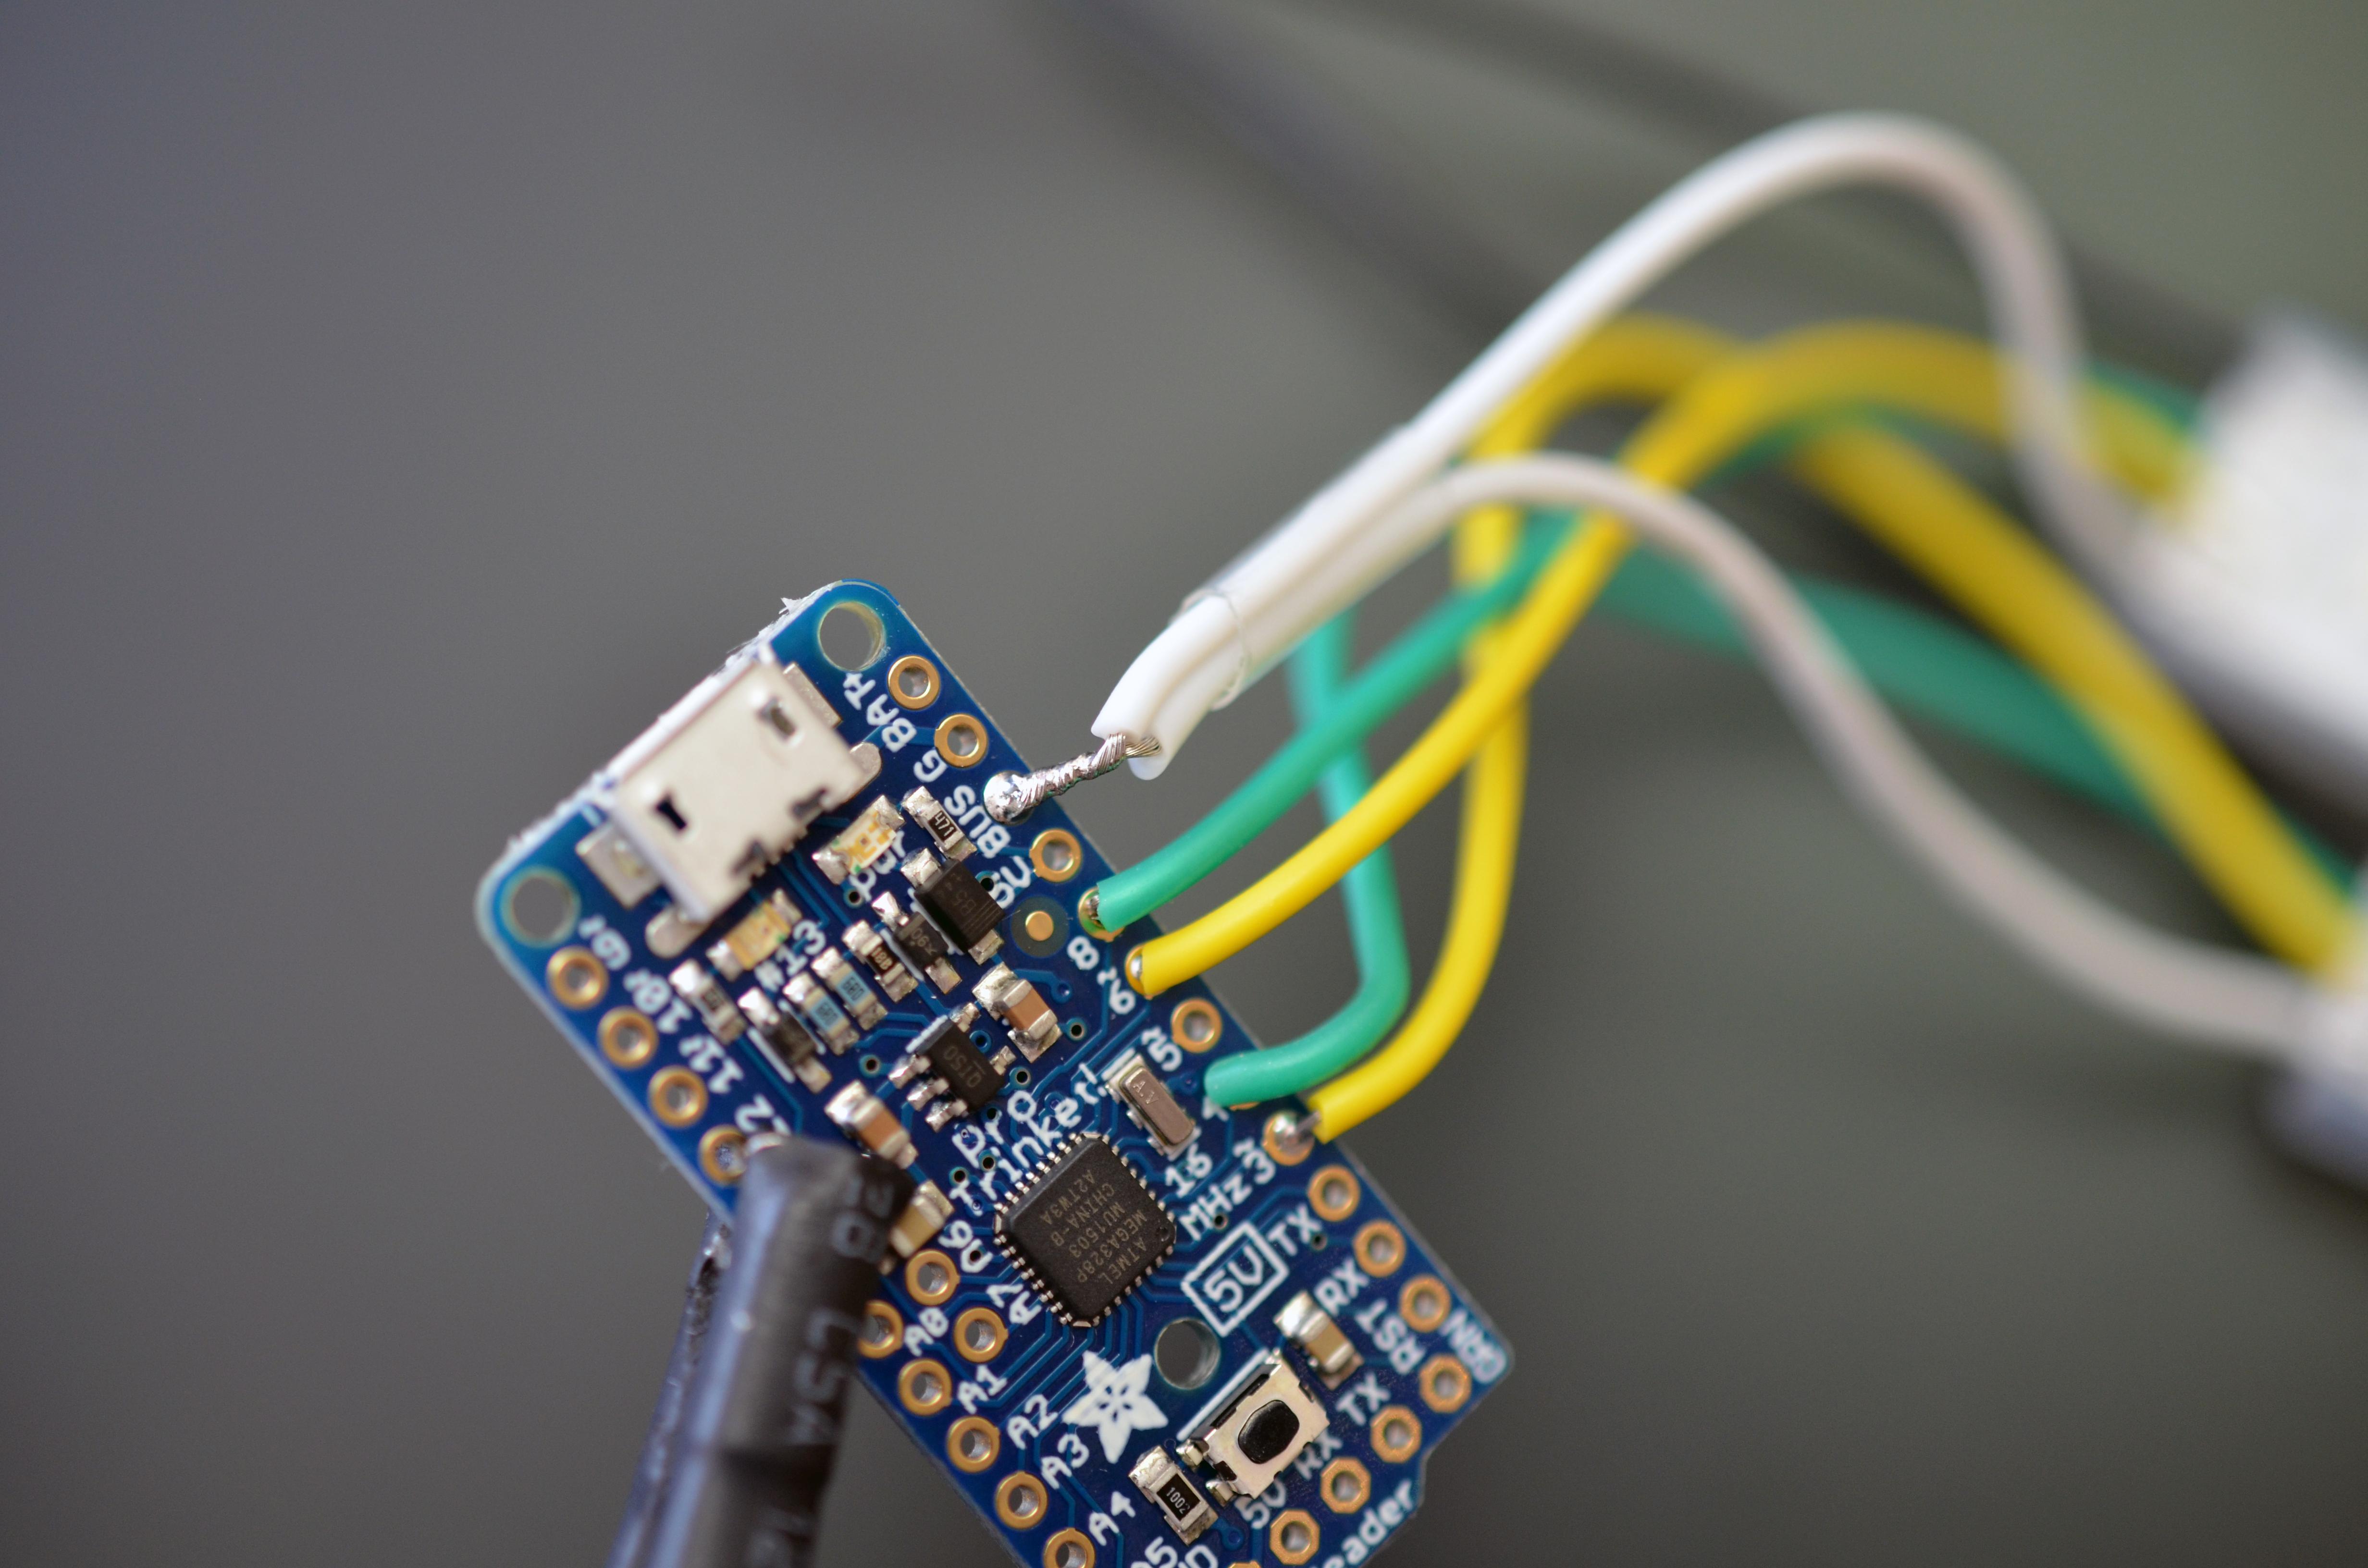 led_strips_roll-up-video-light-usb-bus-power-1.jpg